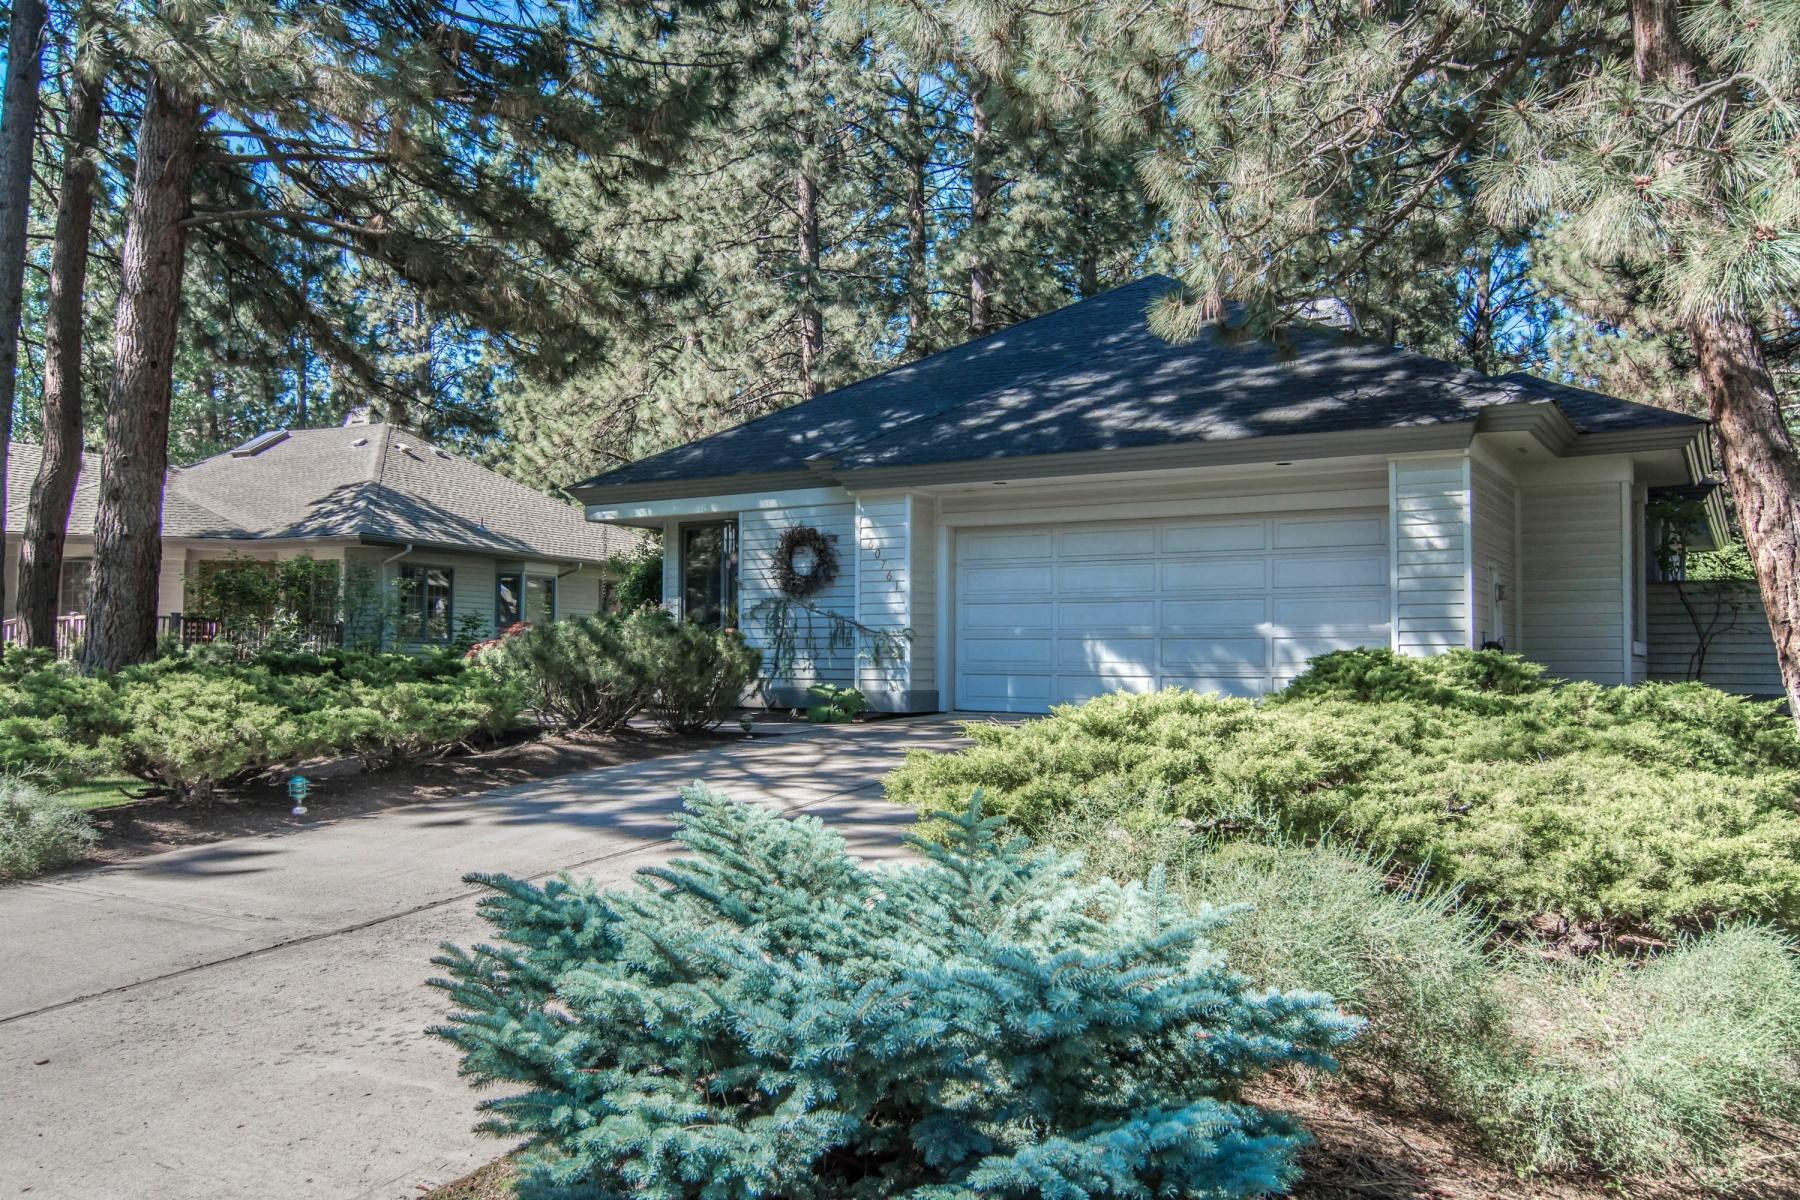 一戸建て のために 売買 アット 60761 Breckenridge, BEND Bend, オレゴン 97702 アメリカ合衆国